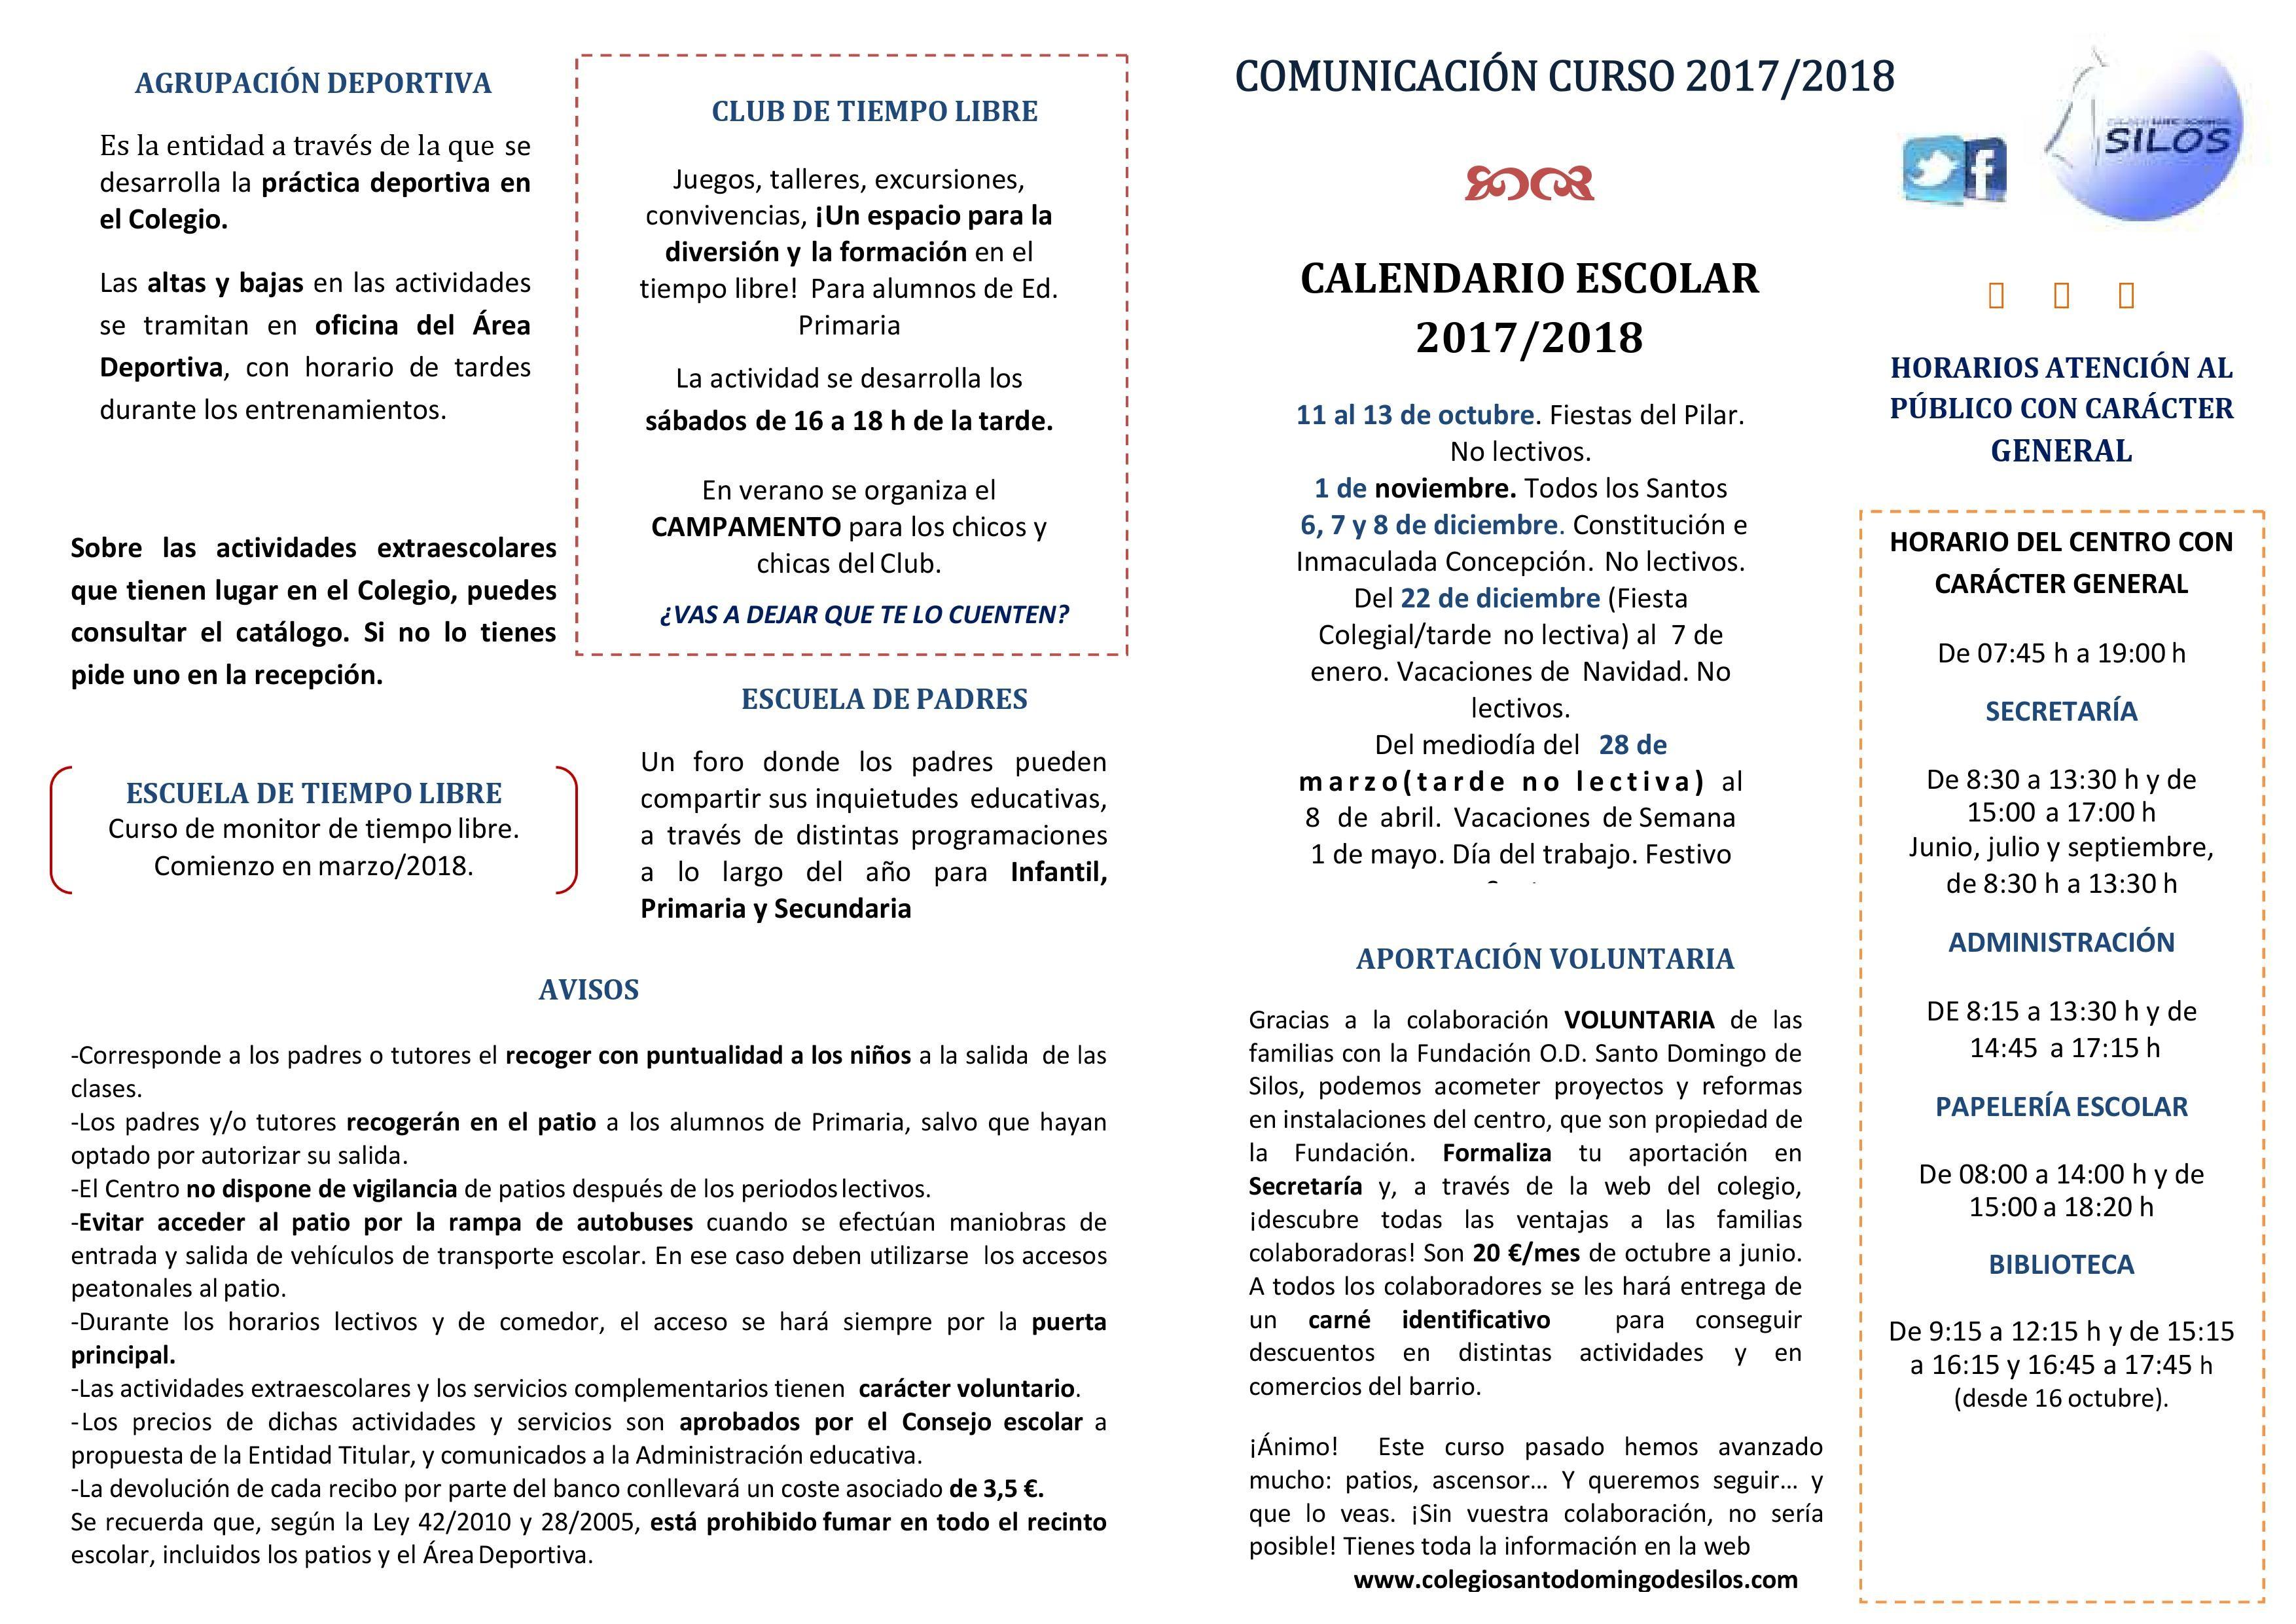 Calendario Febrero 2018 Con Santoral Más Caliente Unicaci³n 2017 2018 Of Calendario Febrero 2018 Con Santoral Más Populares C 22 – Publifinisterra Articulos Promocionales